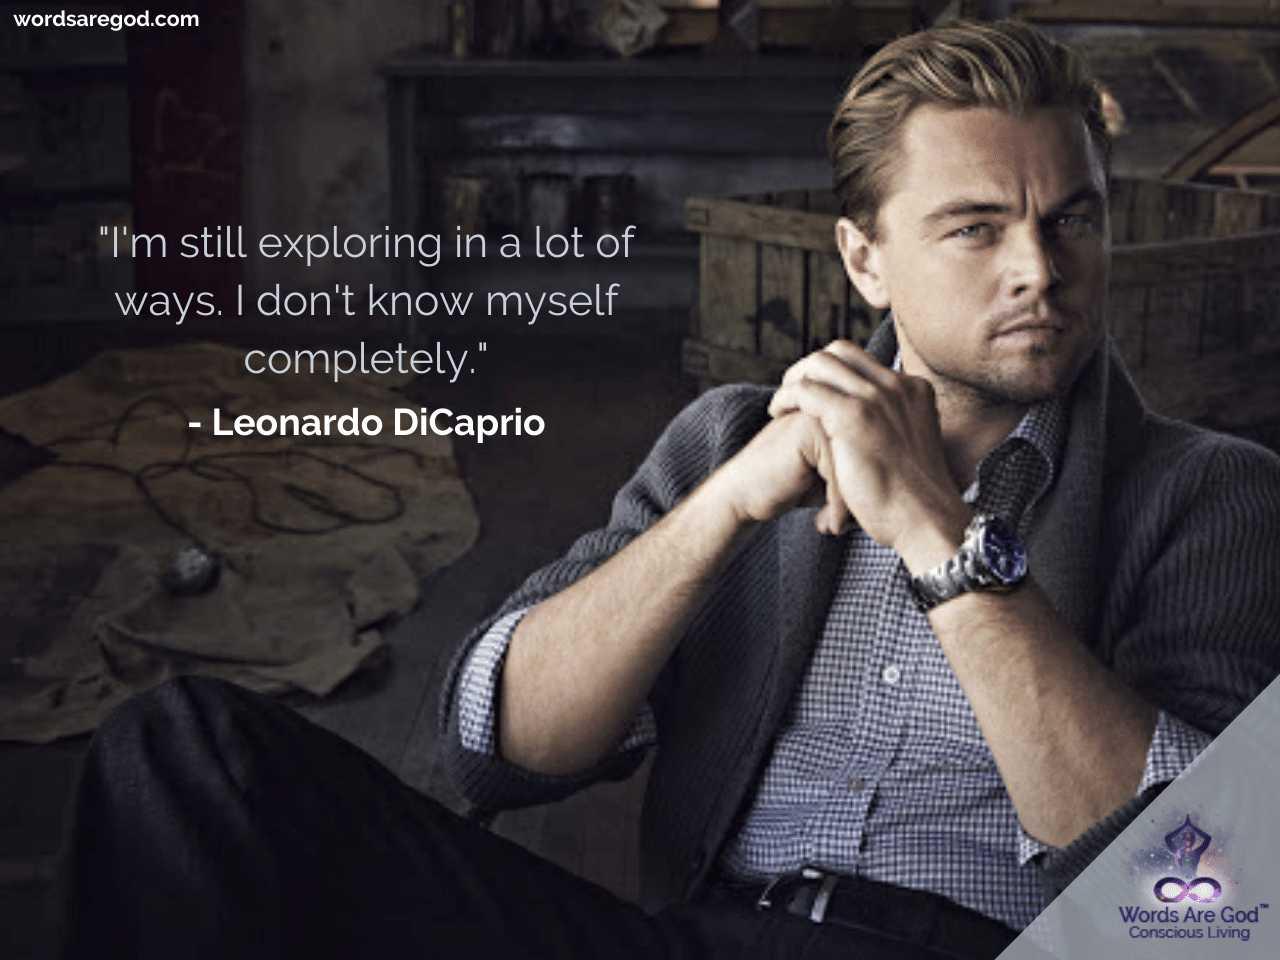 Leonardo DiCaprio Life Quotes by Leonardo DiCaprio